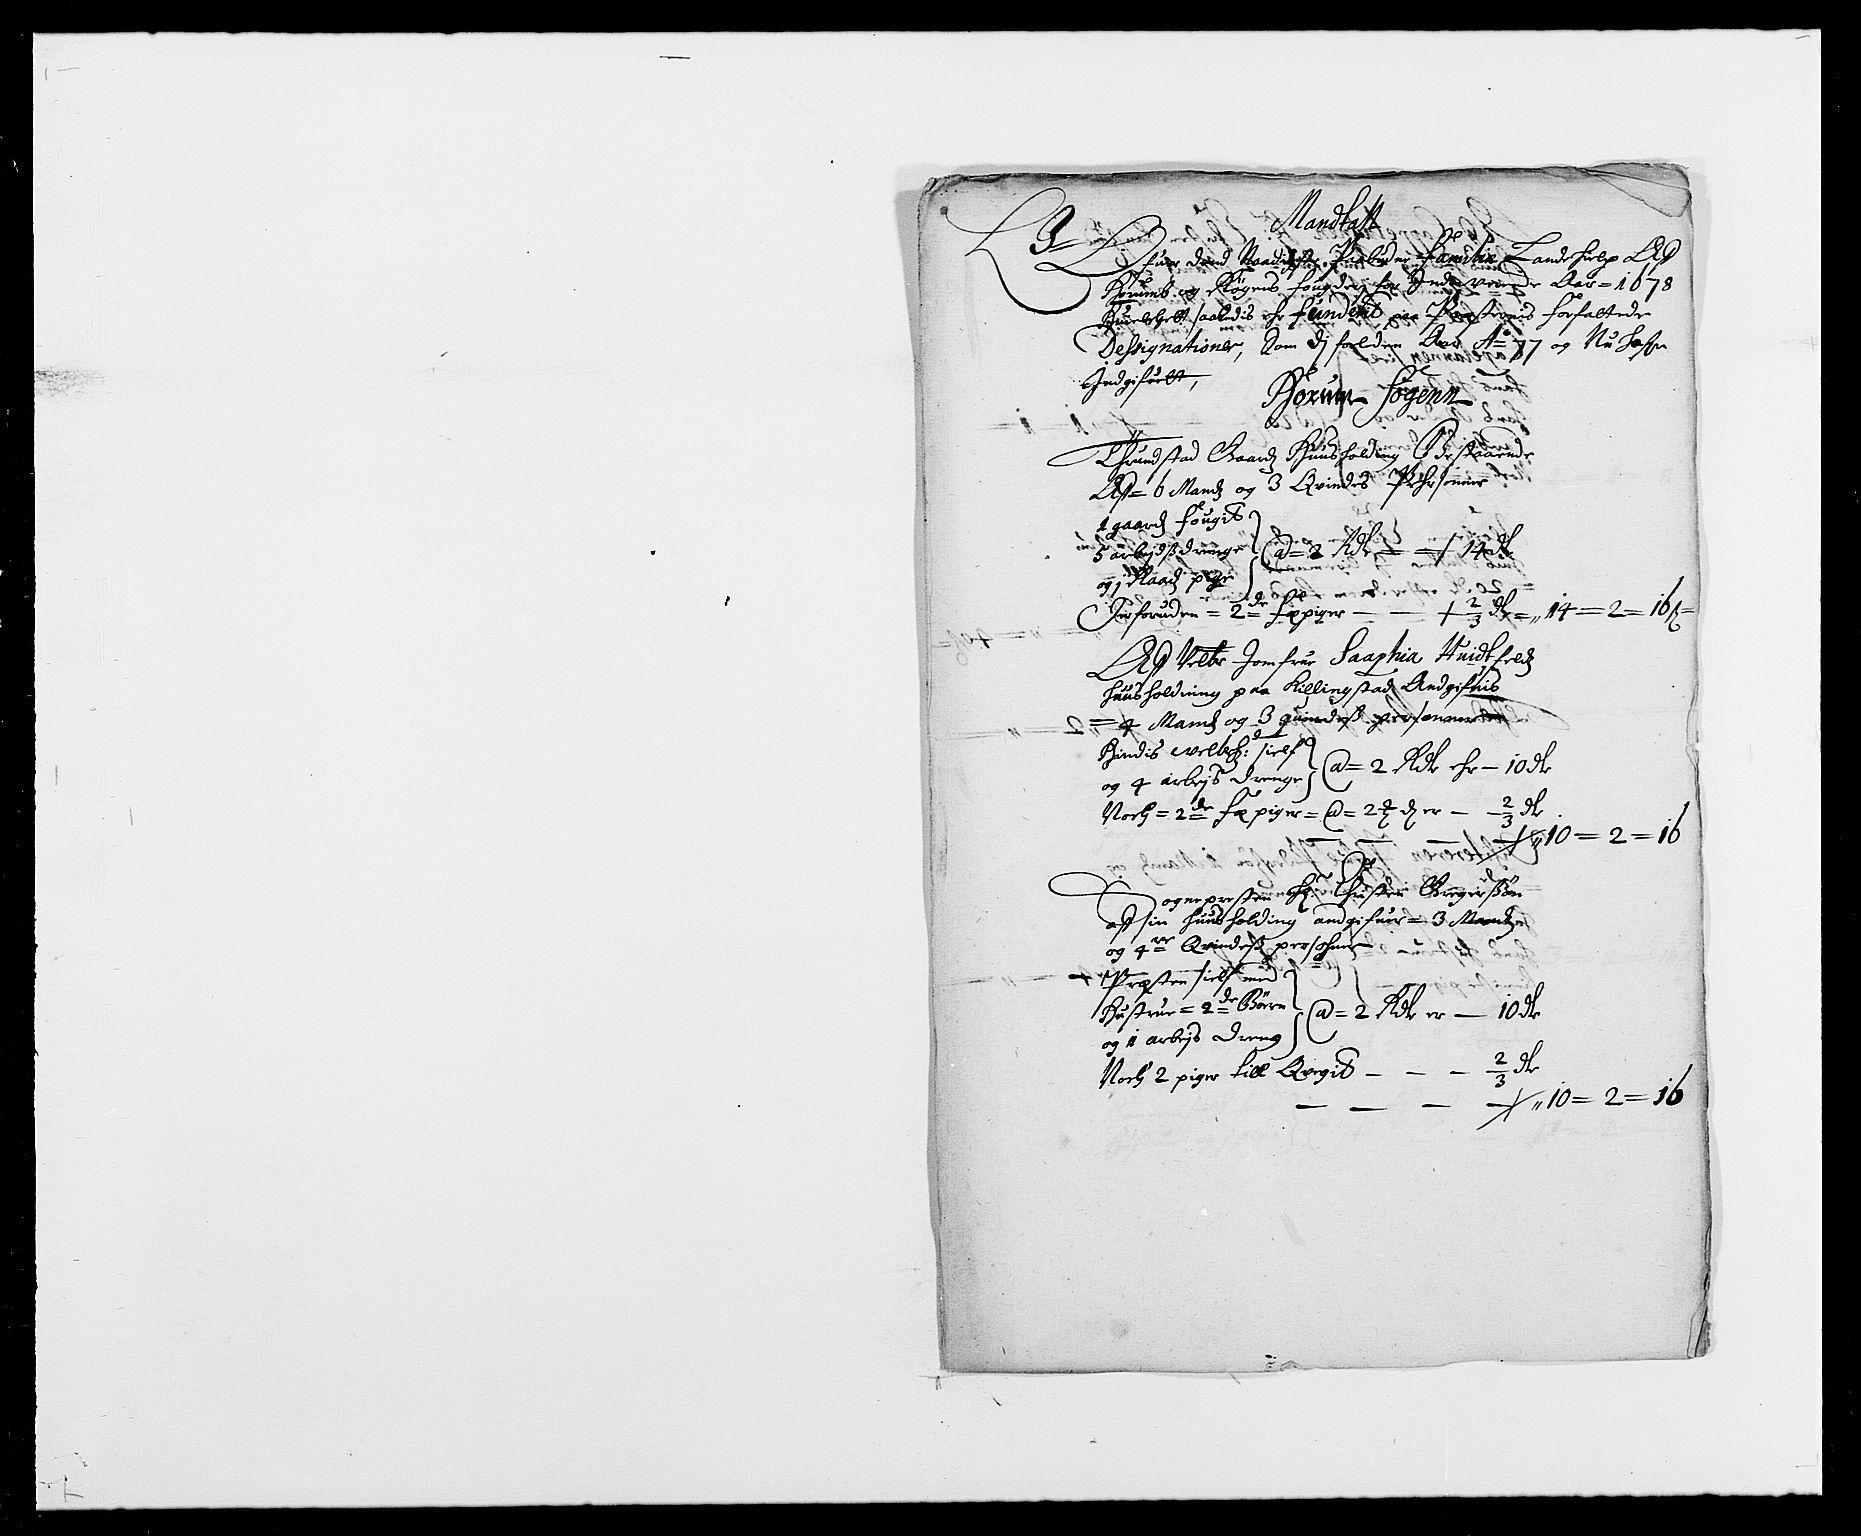 RA, Rentekammeret inntil 1814, Reviderte regnskaper, Fogderegnskap, R29/L1691: Fogderegnskap Hurum og Røyken, 1678-1681, s. 122